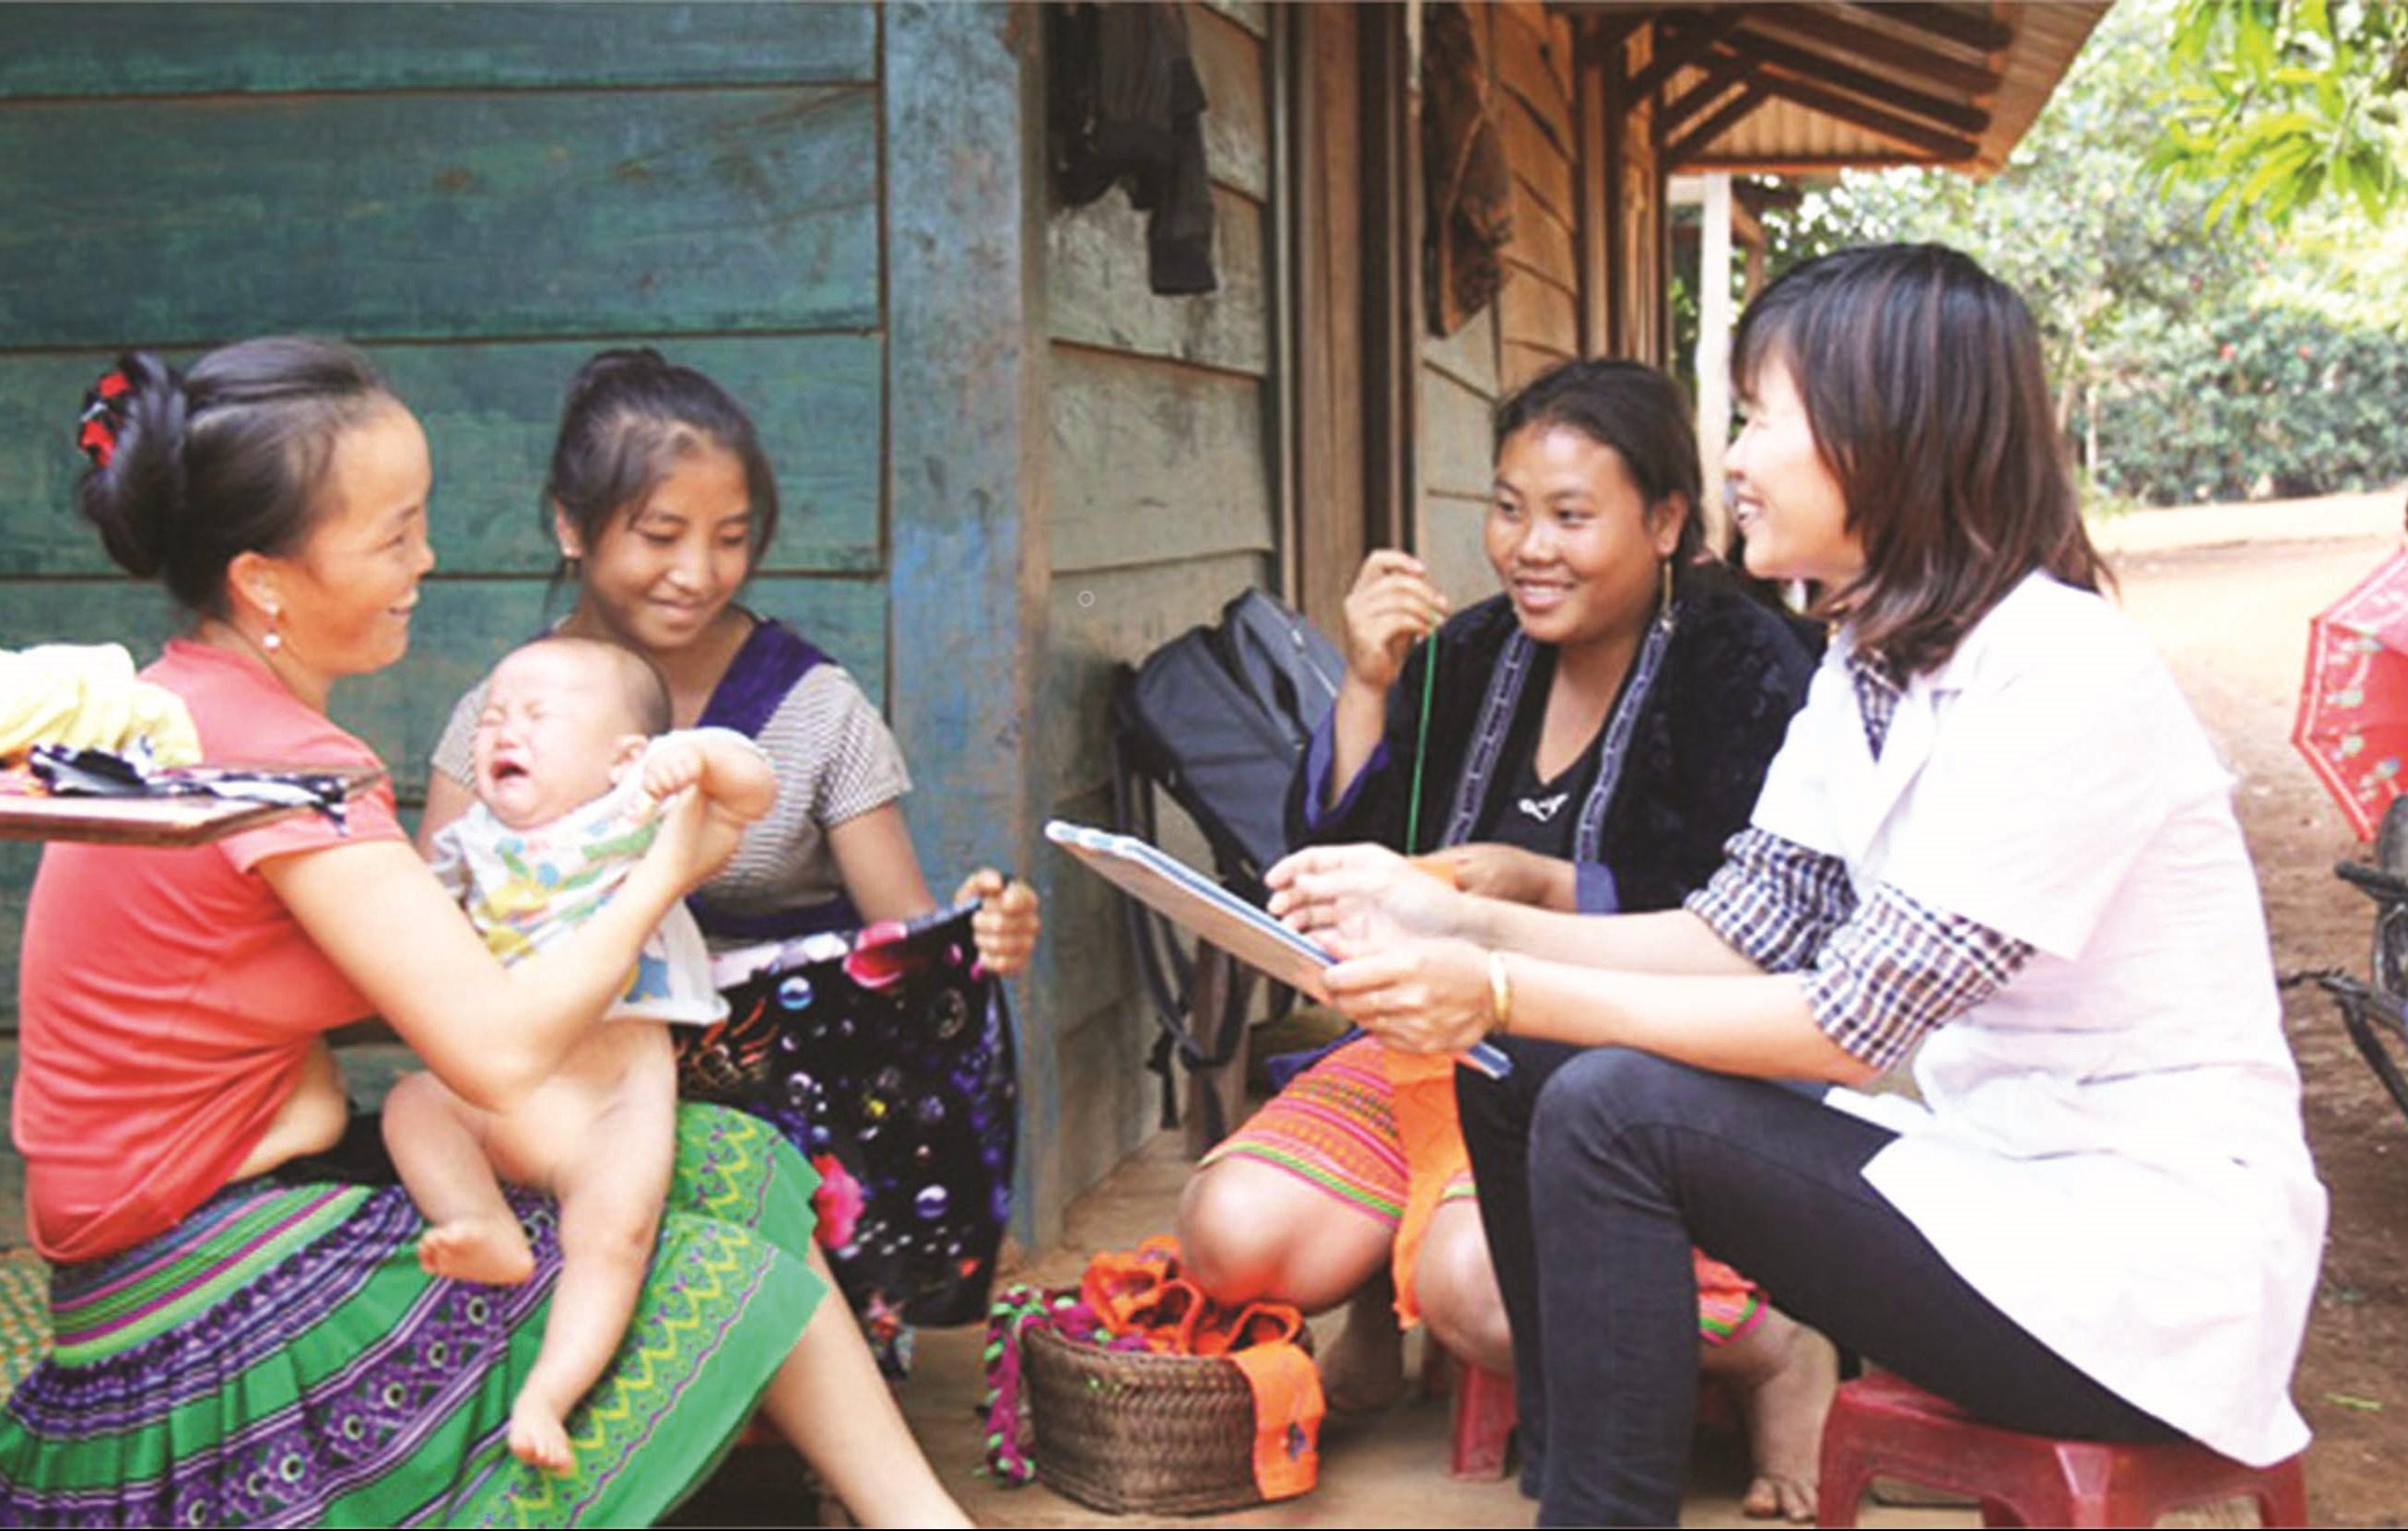 Cán bộ y tế tuyên truyền kiến thức chăm sóc sức khỏe sinh sản cho phụ nữ DTTS. Ảnh TL